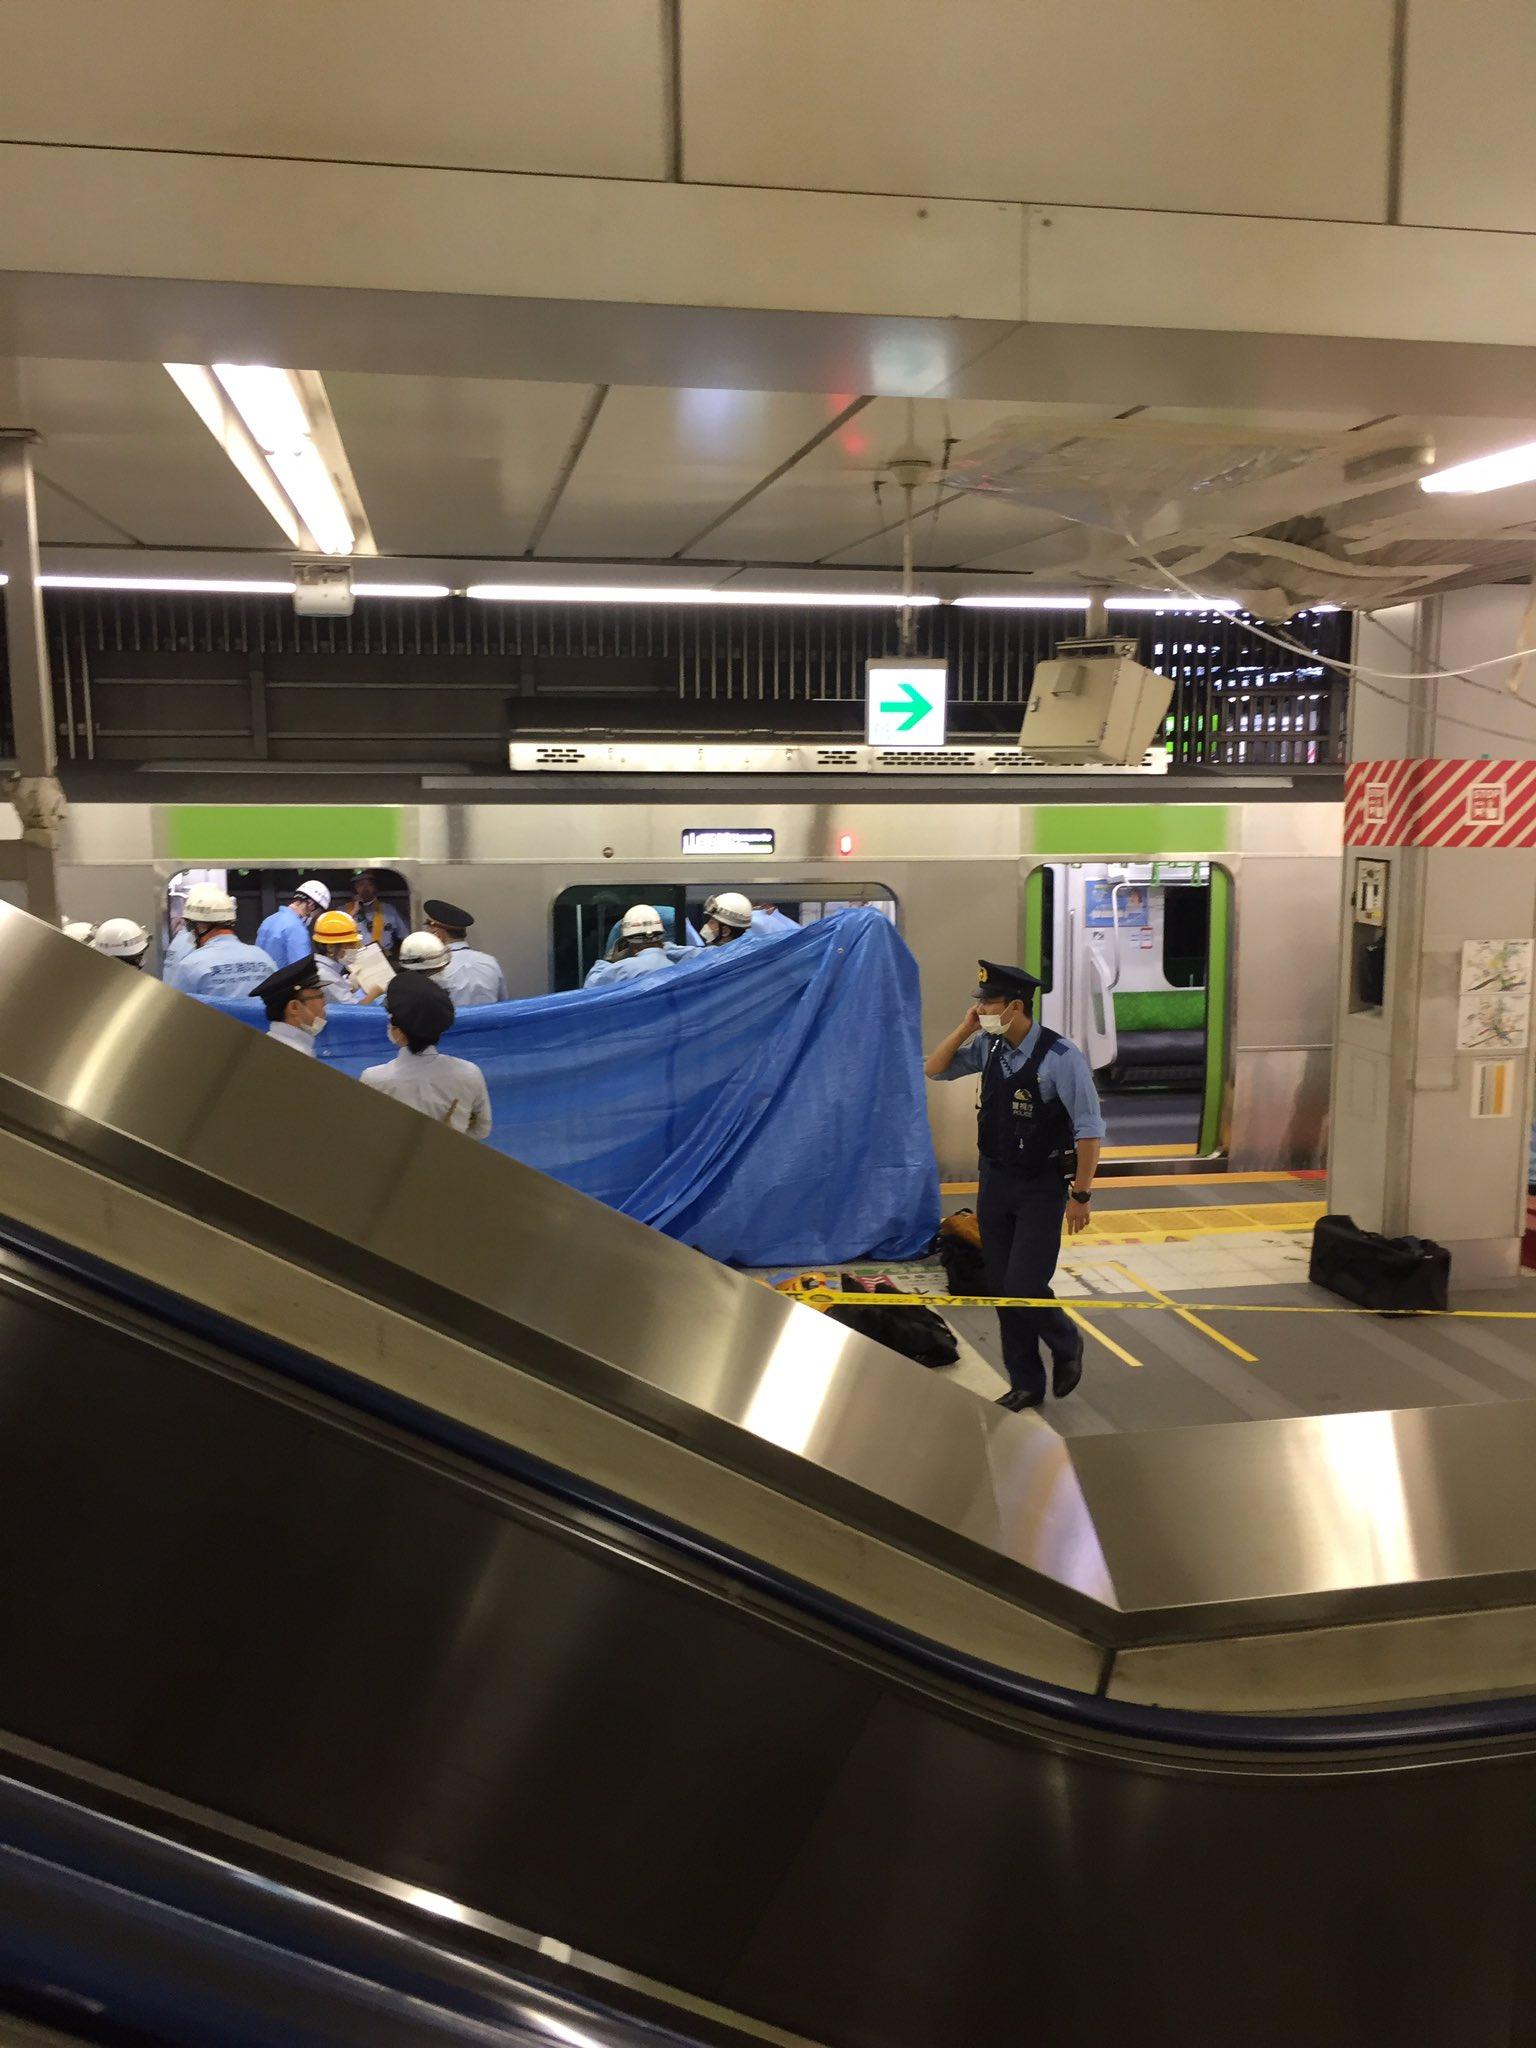 渋谷駅の人身事故現場の画像